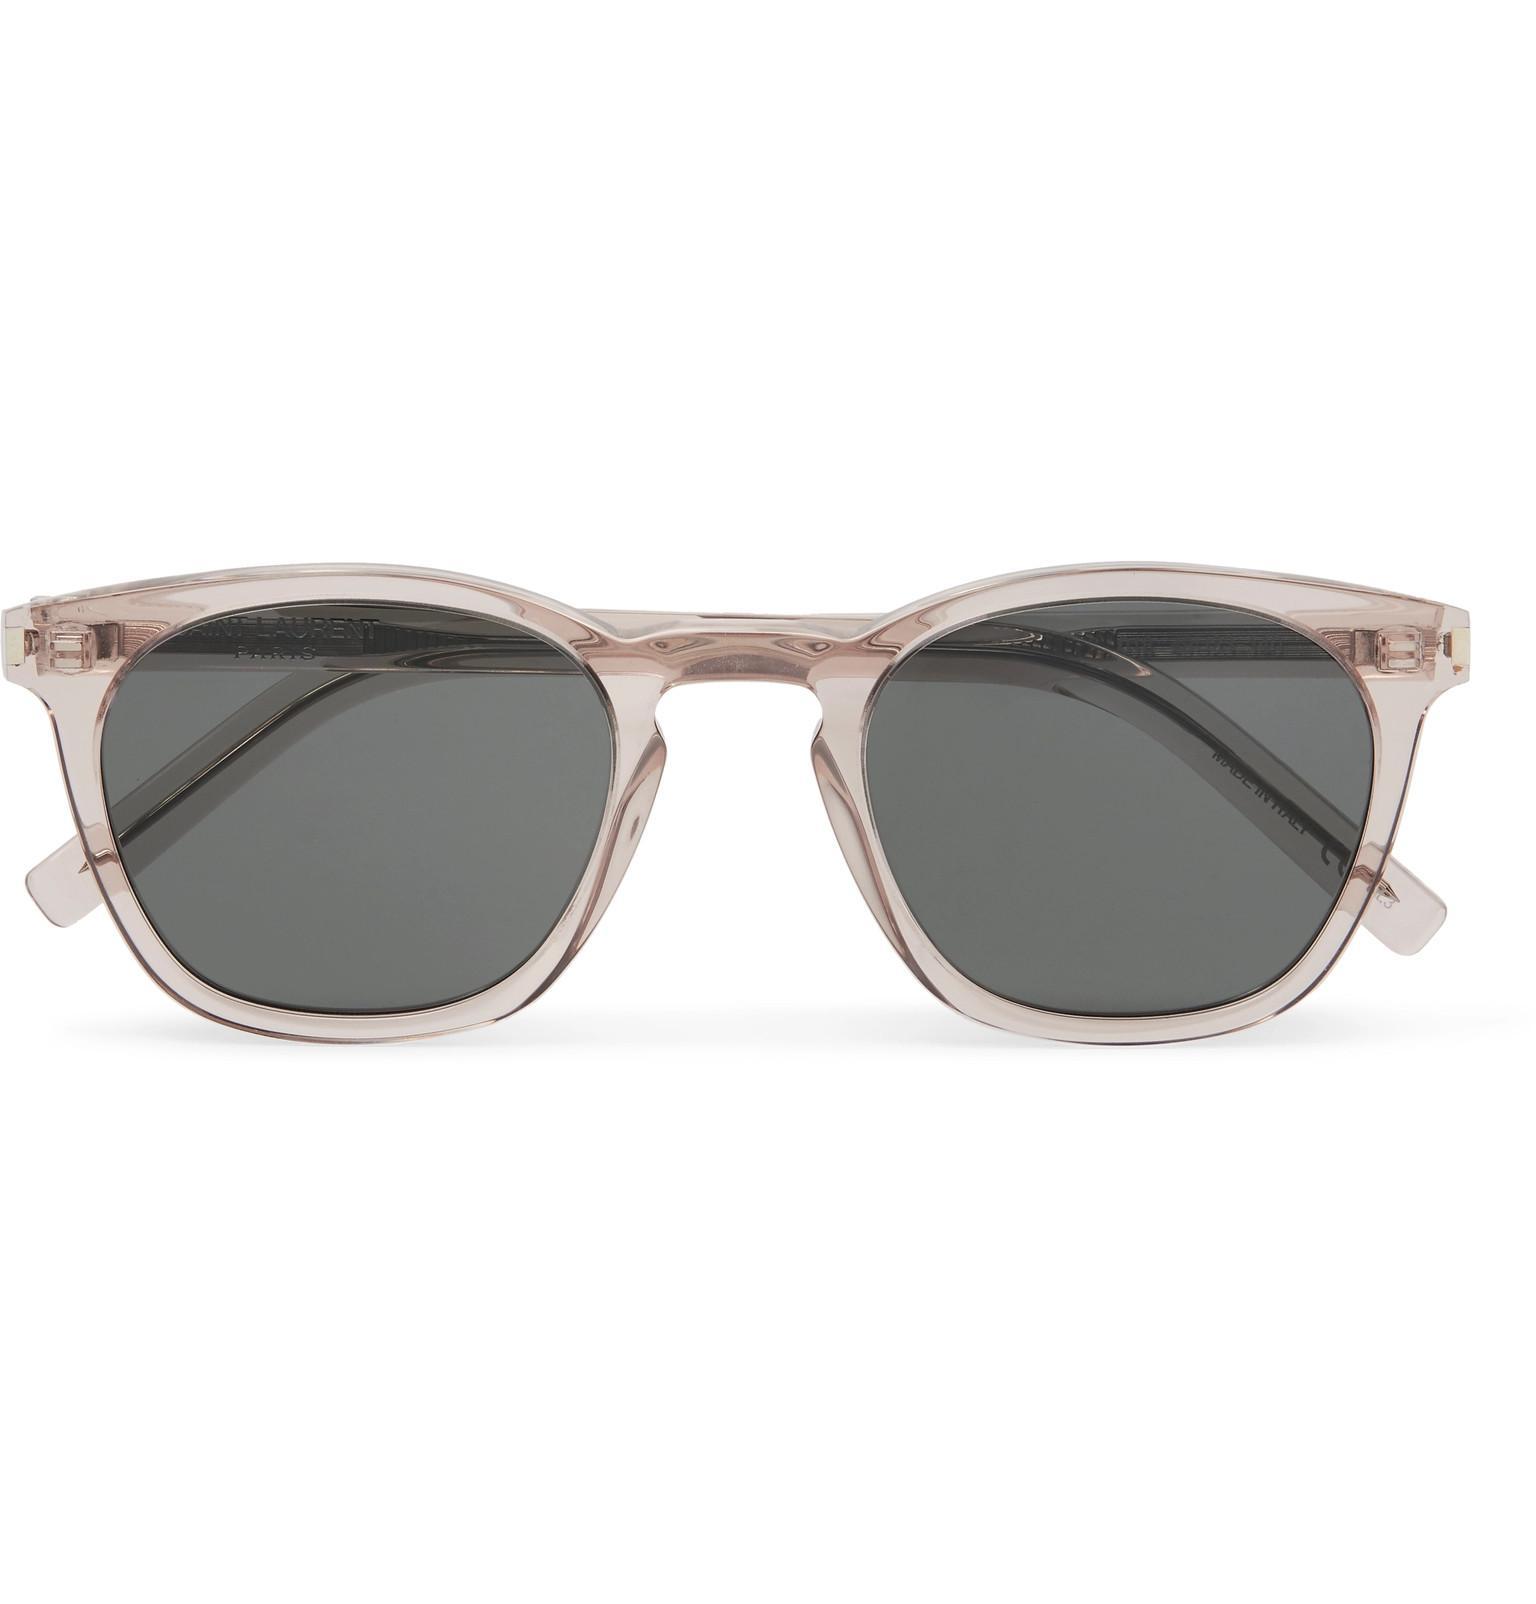 b1490370fc67 Lyst - Saint Laurent D-frame Acetate Sunglasses in Gray for Men